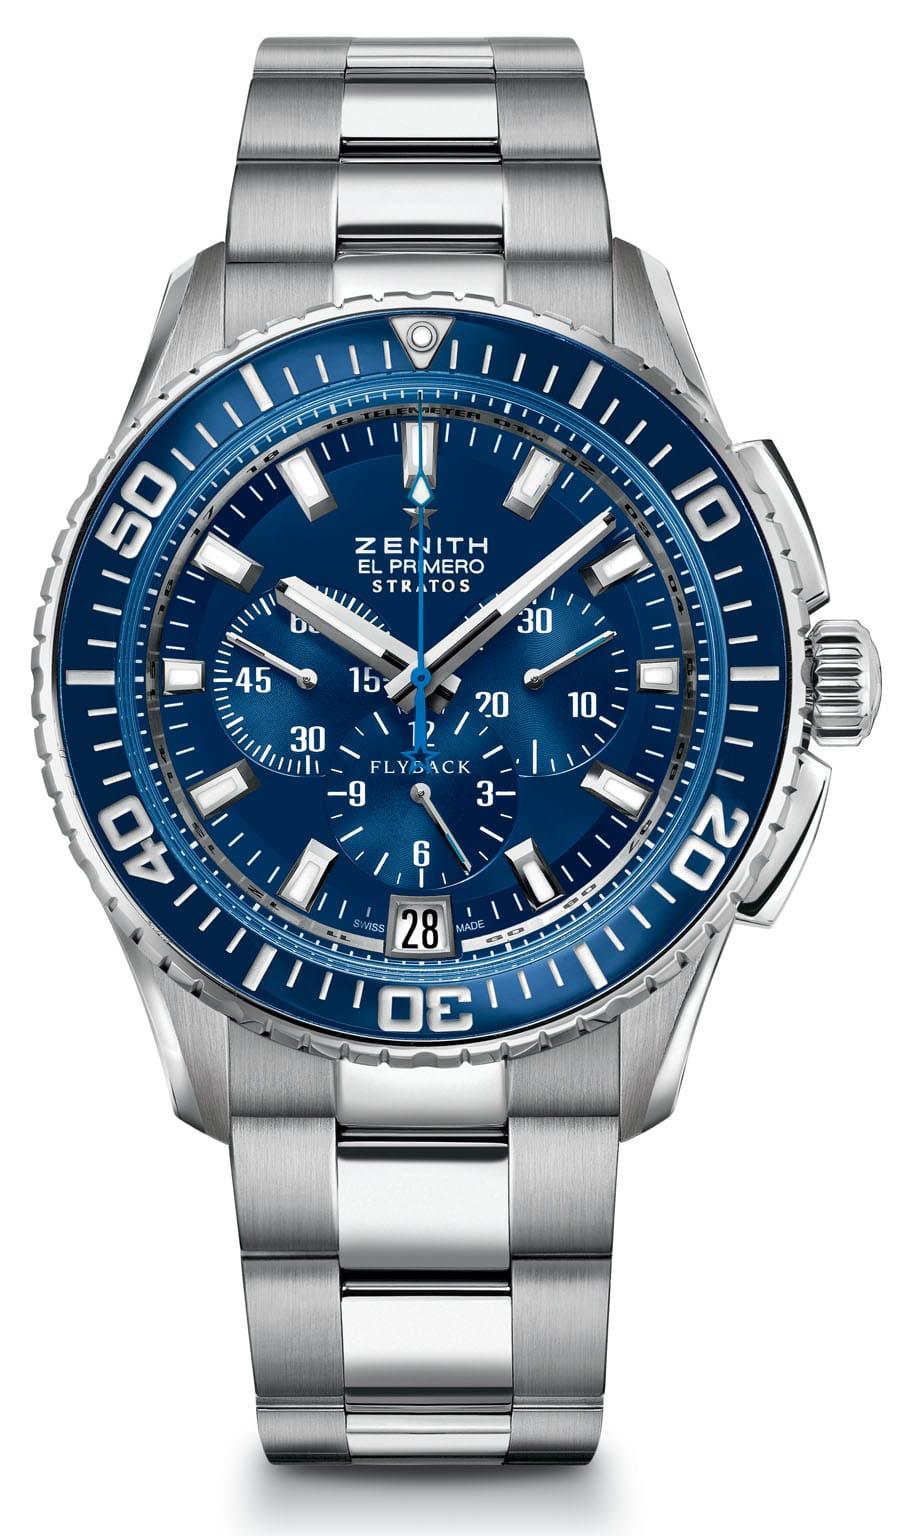 Uhren-Ikonen und ihre Alternativen: Zenith El Primero Stratos Flyback